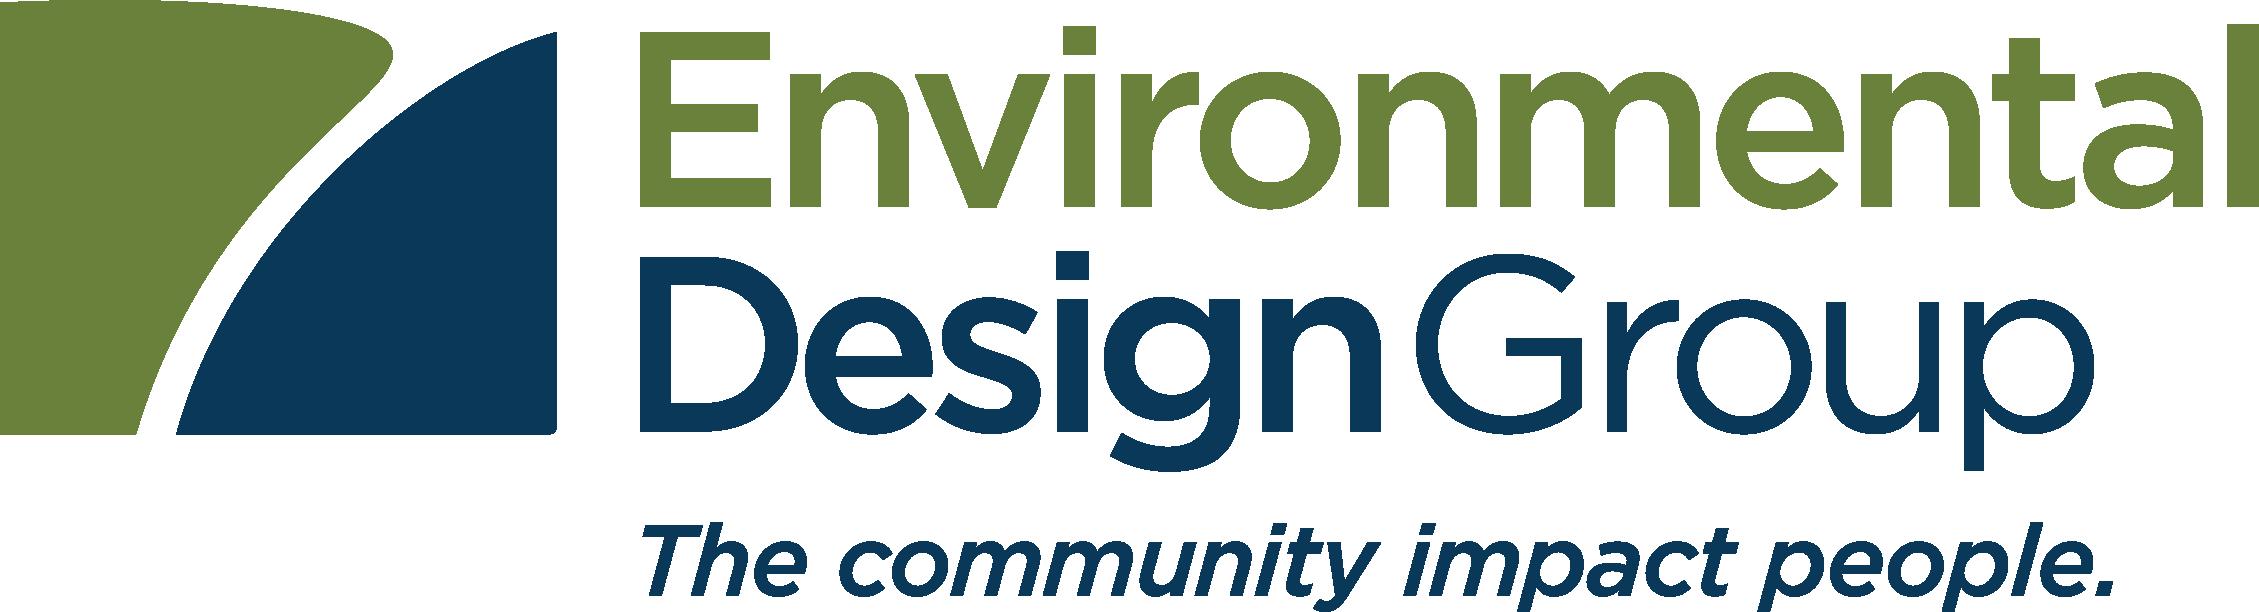 Environmental Design Group logo